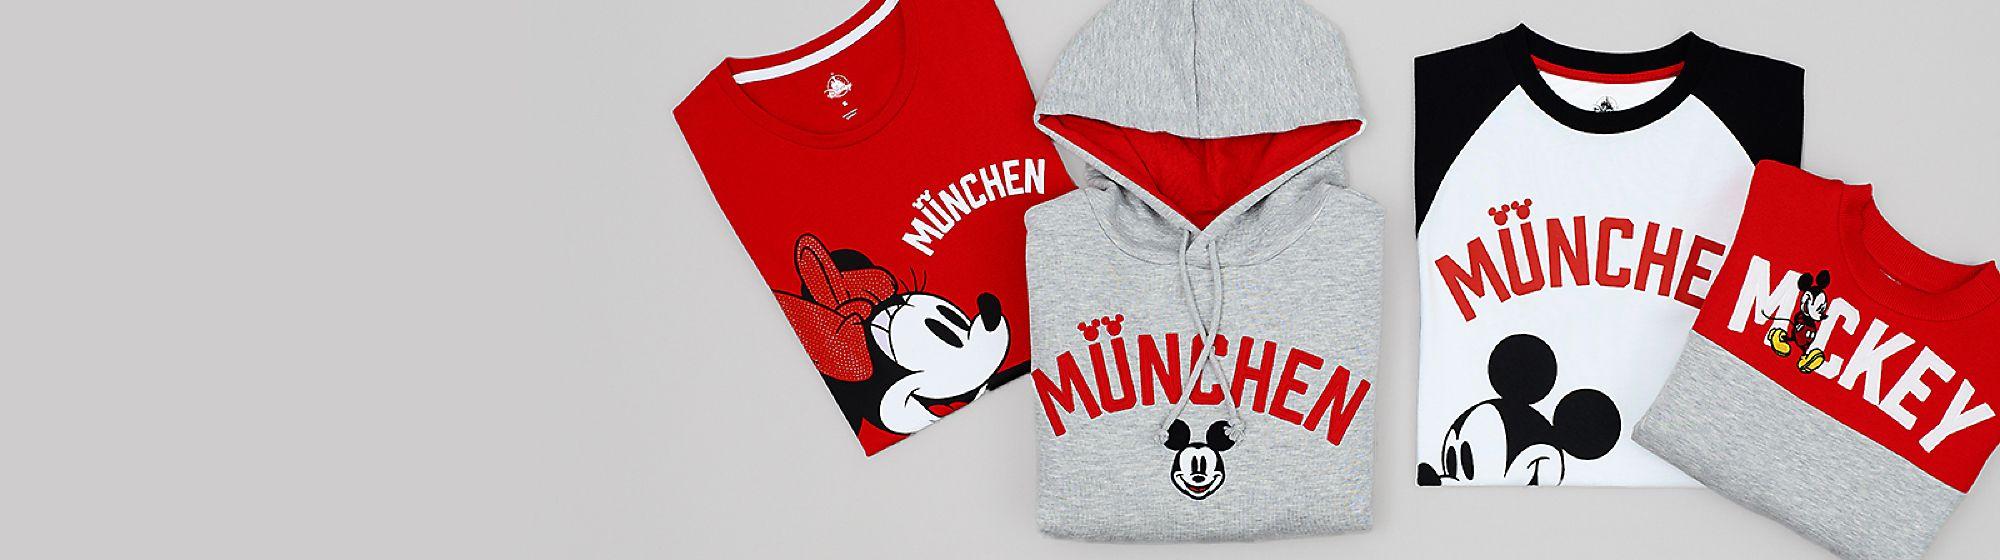 Disney Cities Kollektion Kleidung mit Städtenamen für die ganze Familie Weitere Städte werden bald veröffentlicht